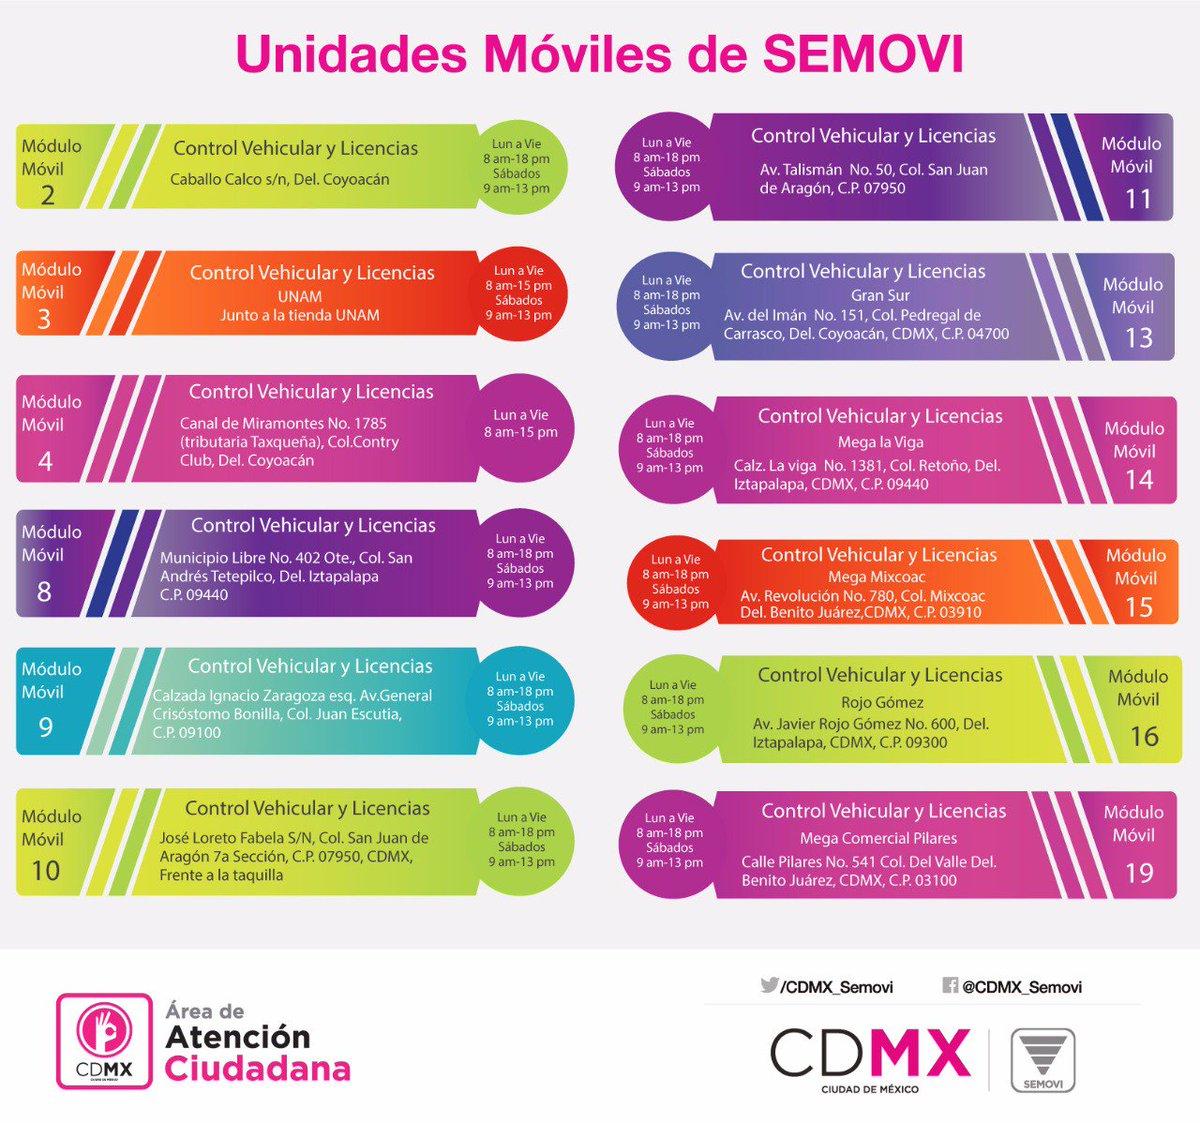 Secretaría De Movilidad Cdmx On Twitter Buen Día Por El